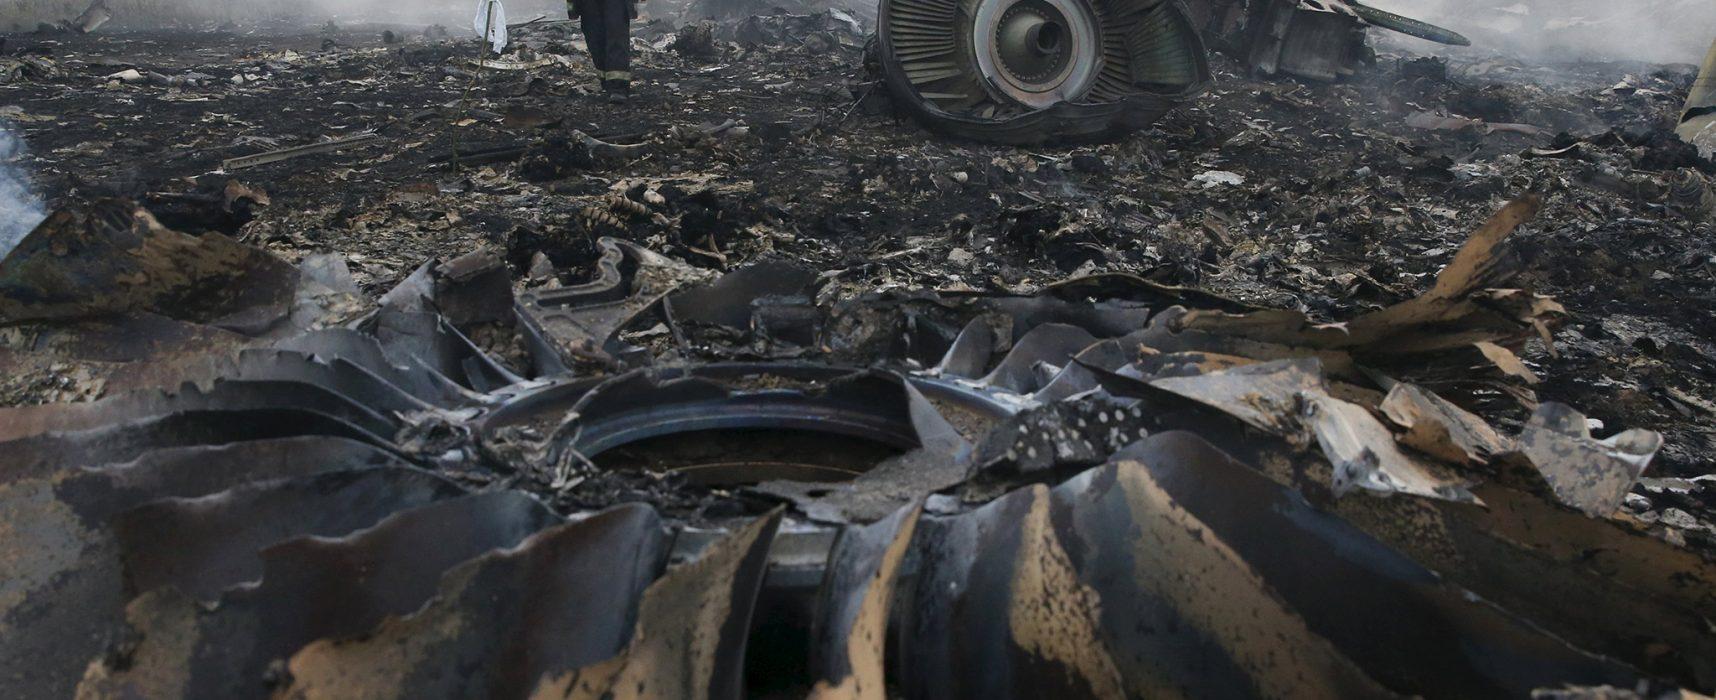 Фейк МЗС РФ: нідерландські слідчі ігнорують всі російські свідчення у справі MH17 і не розслідують роль Києва